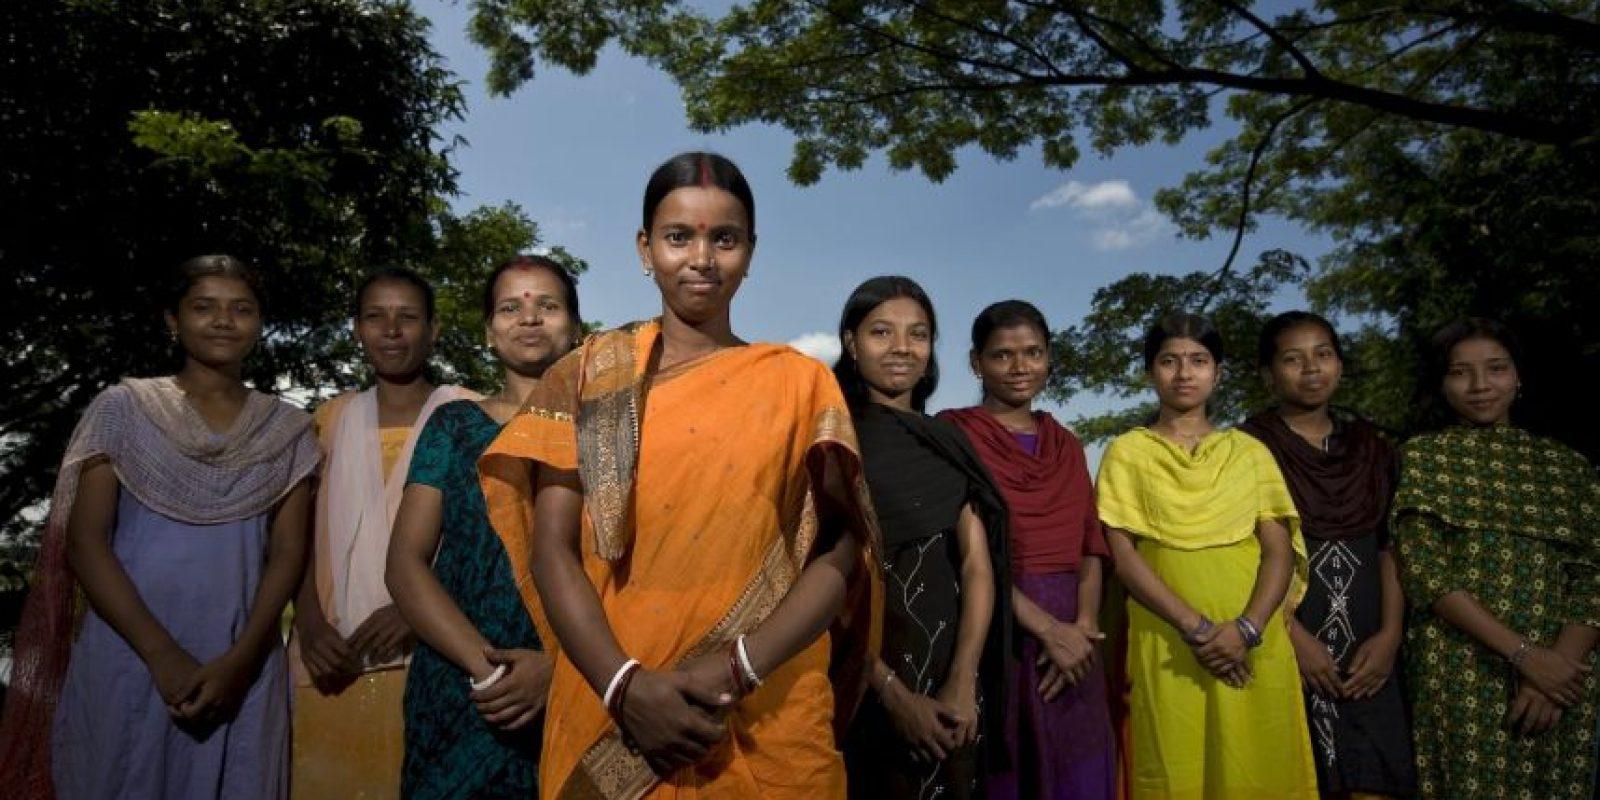 Esta es la representación de Lakshmi, diosa de la prosperidad Foto:Getty Images